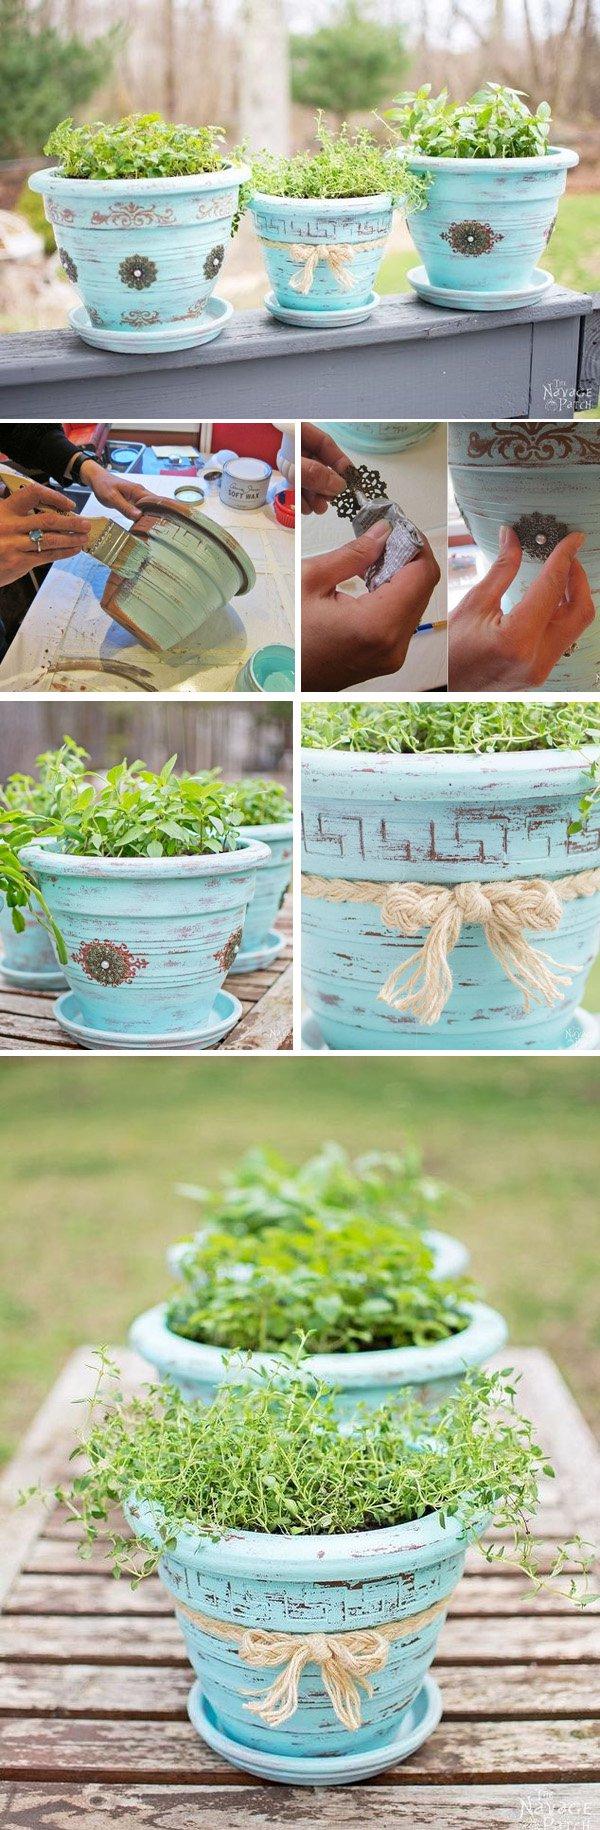 23 DIY Flower Pot Makeover